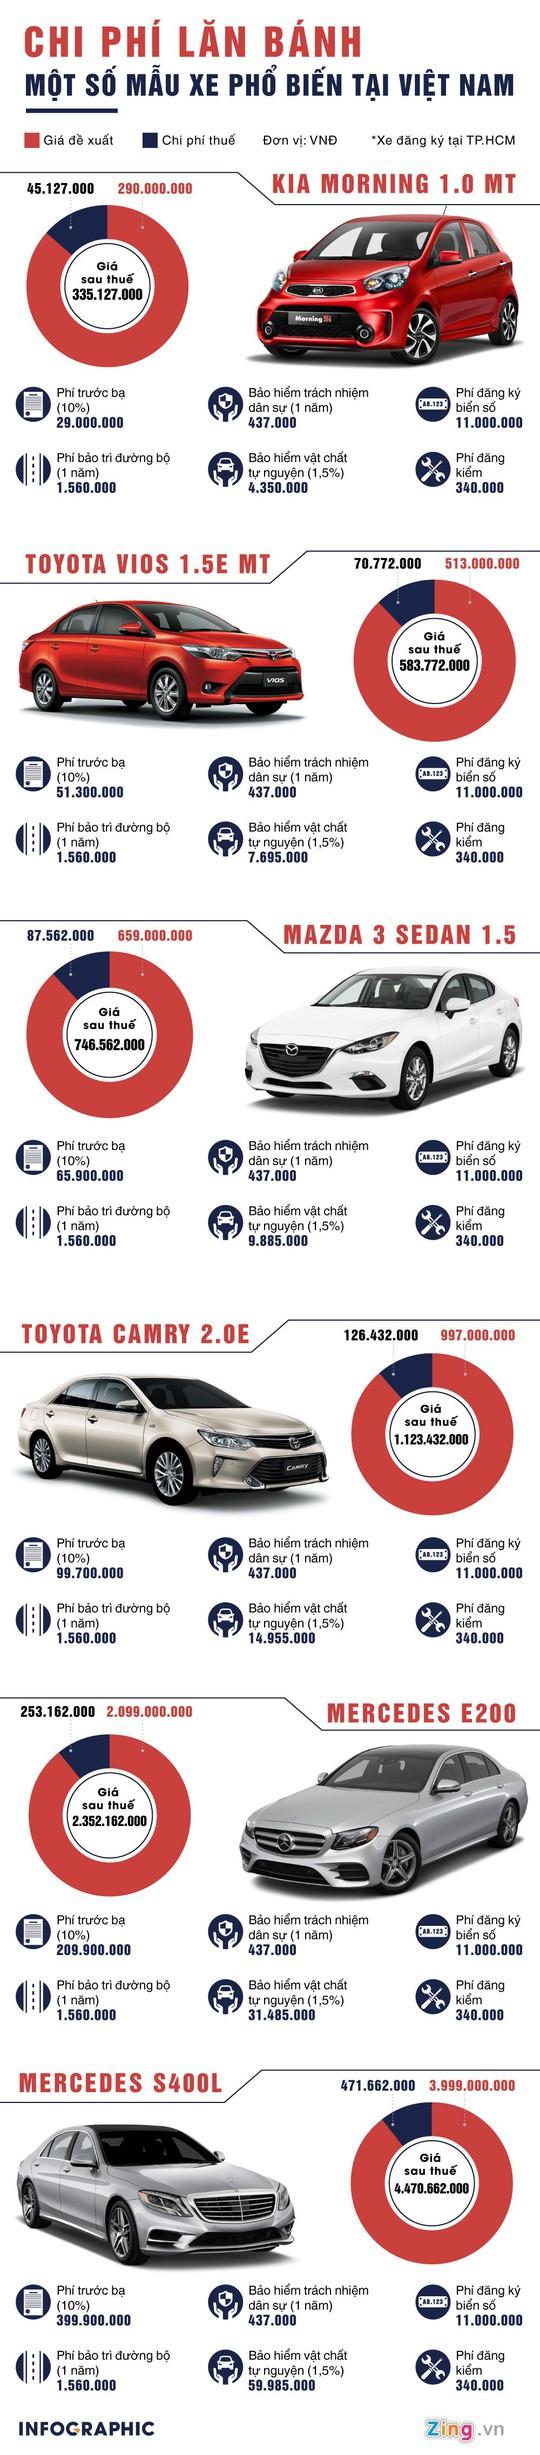 Tính chi phí lăn bánh một số mẫu xe phổ biến ở Việt Nam - Ảnh 1.